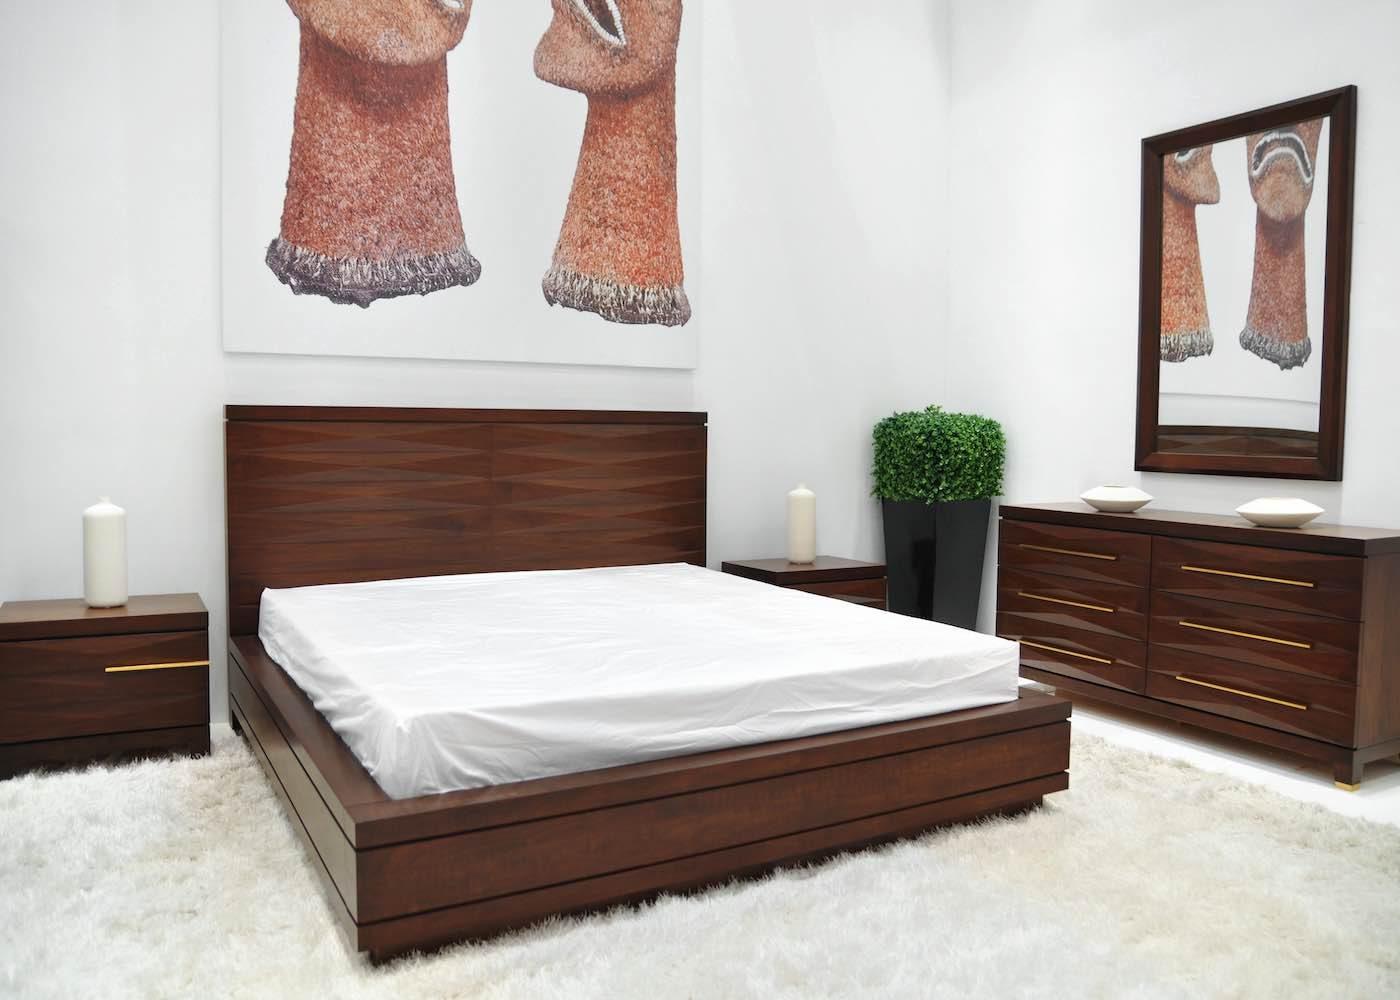 mazarin-ameublement-catalogue-produits-chambre-a-coucher-3